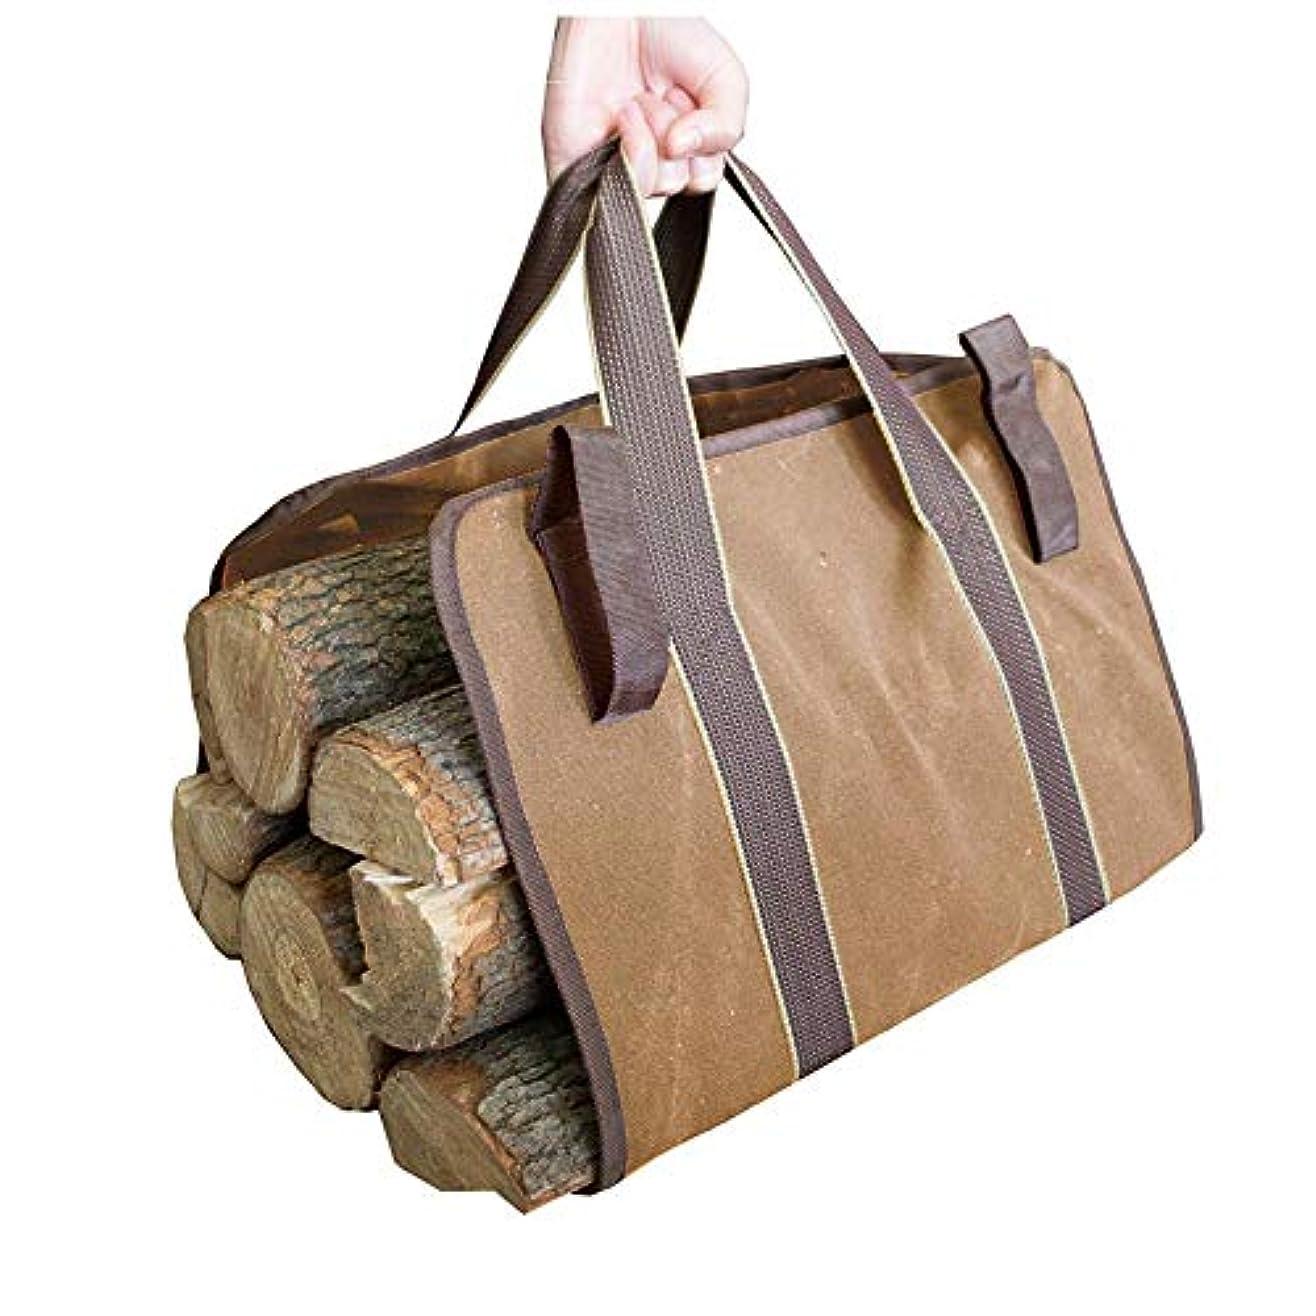 アヒルフラッシュのように素早く誕生日lacyie 大容量薪バッグ 薪ストーブ 防水キャンバス伐採袋 持ち運びが易い折りたたみできる携帯用薪貯蔵袋 ストレージクリーニング用品